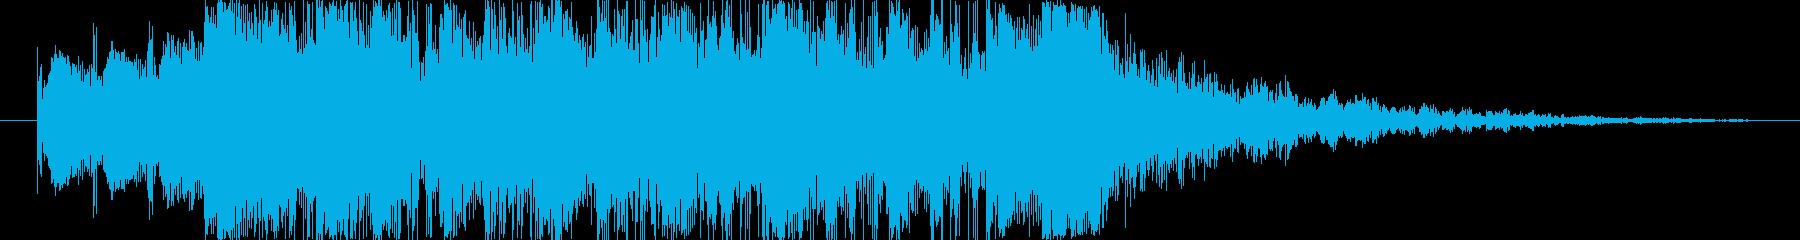 短いテクノのジングルですの再生済みの波形